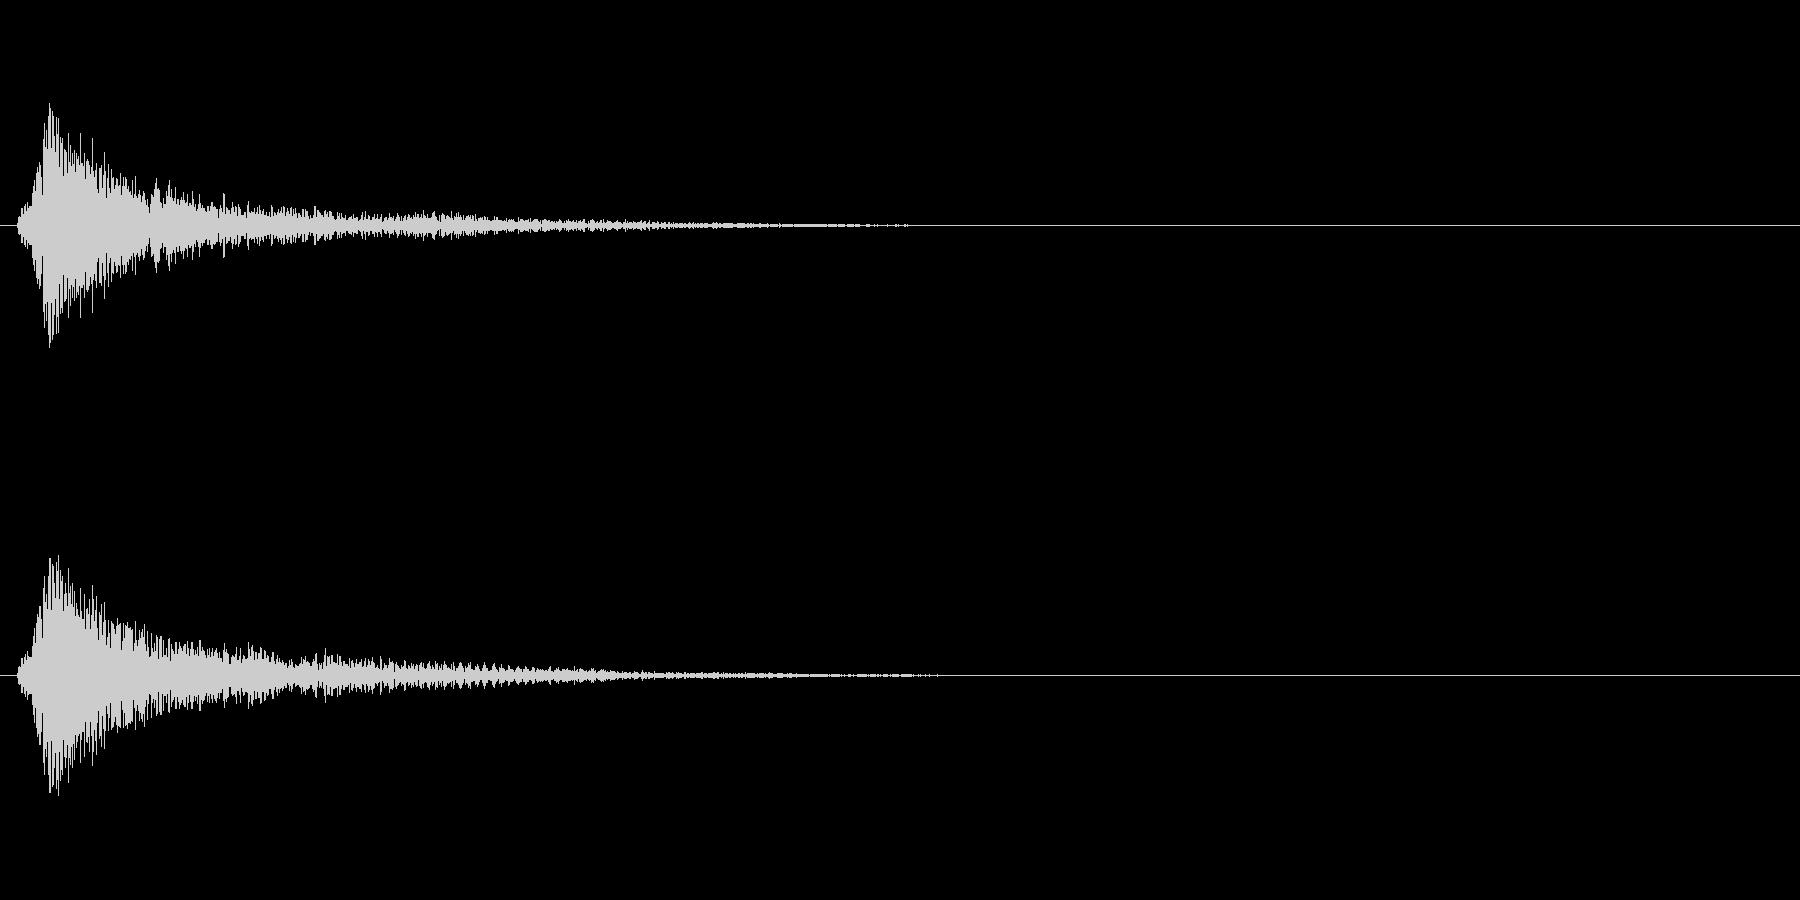 ゲームの決定音・カーソル音に向いた効果…の未再生の波形